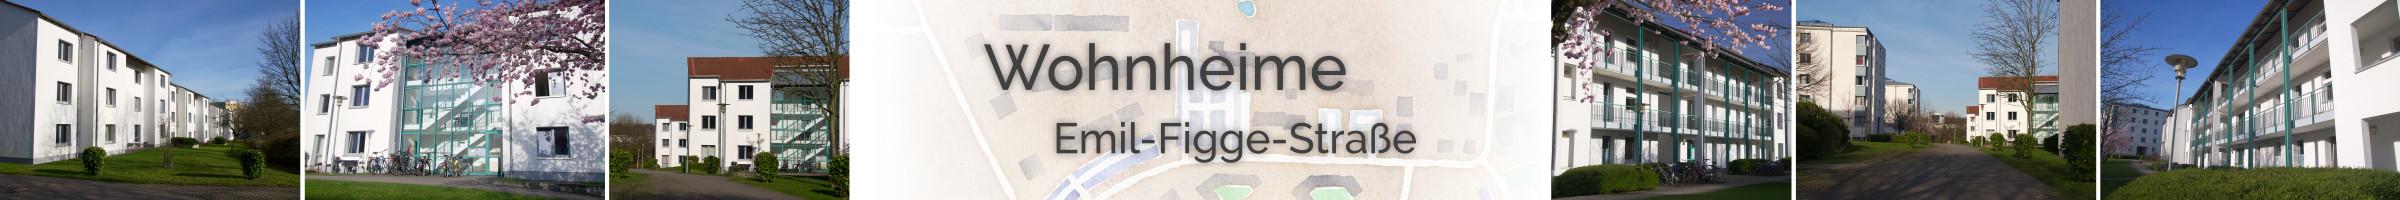 Wohnheime Emil-Figge-Straße